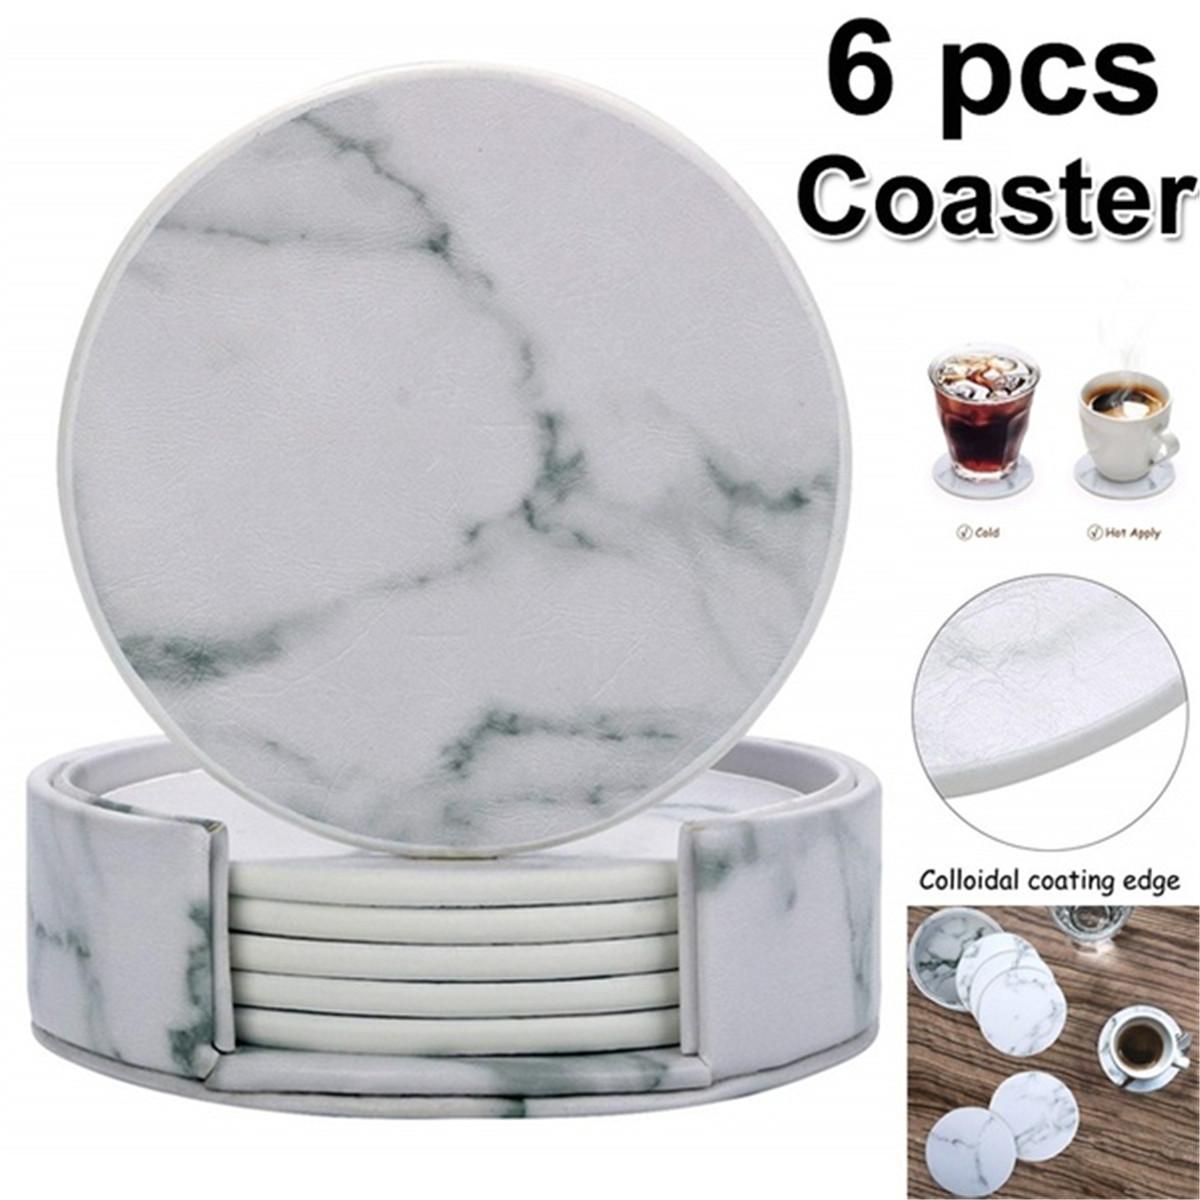 Шт мраморная чашка каботажное судно круглый кожаный теплоизоляционный коврик для кухонного стола дома